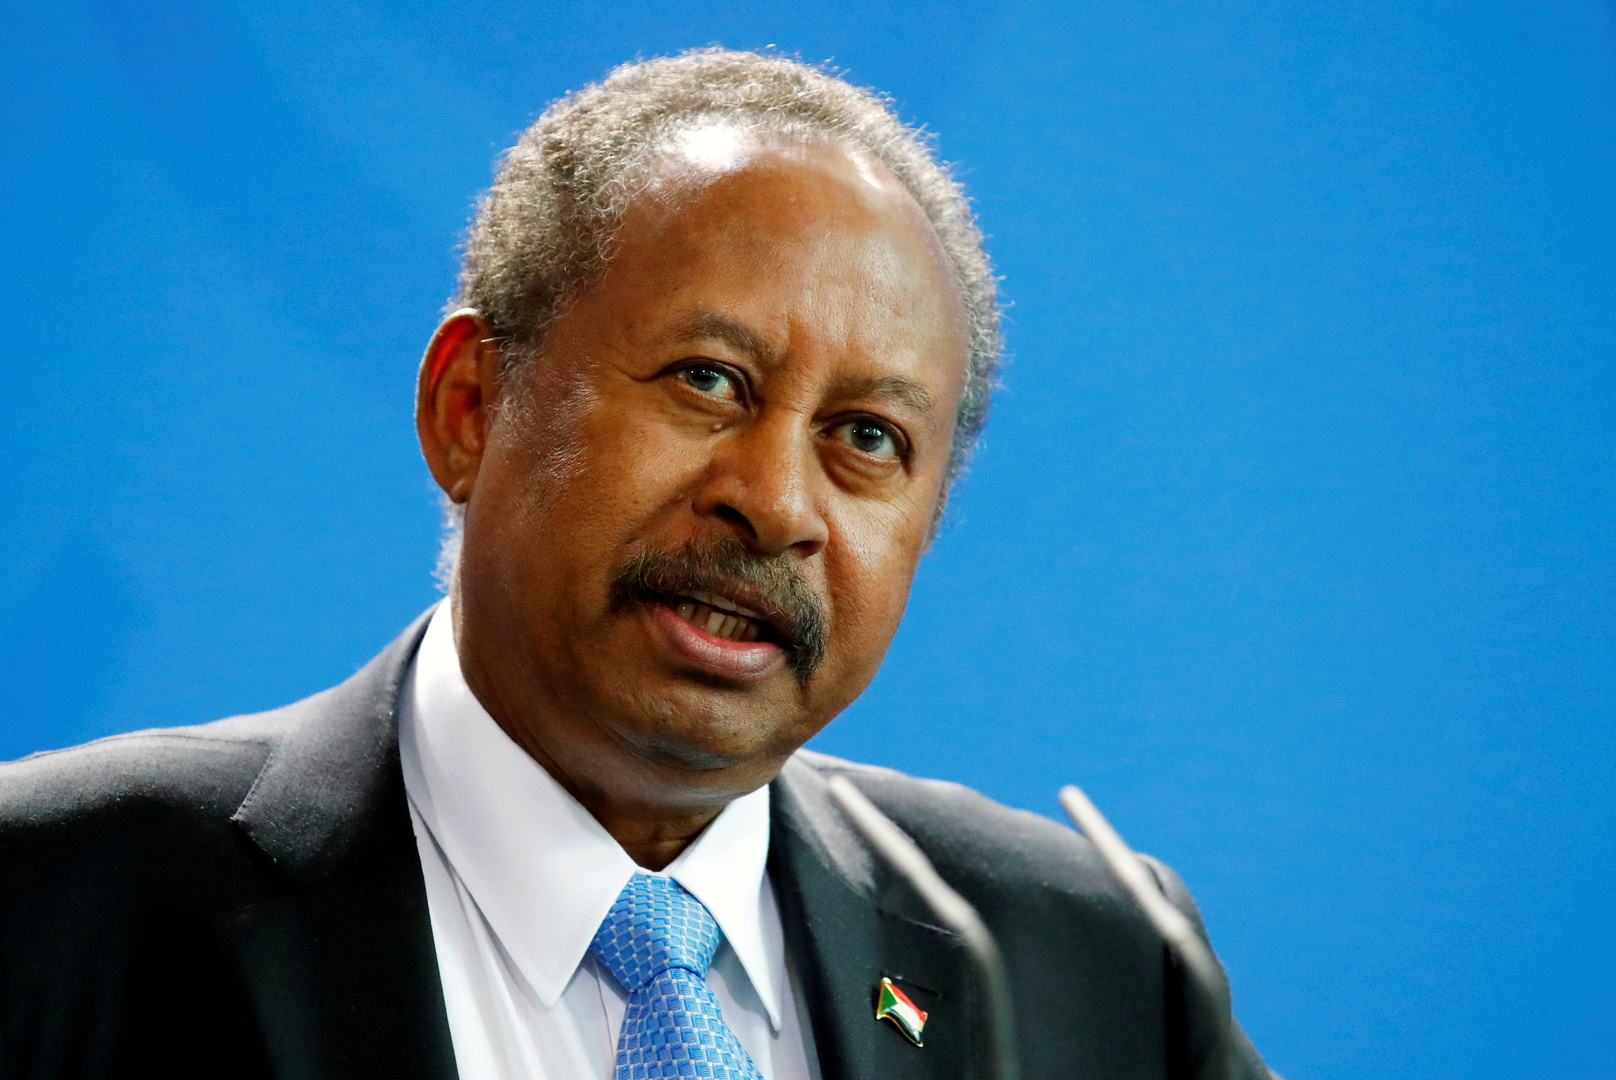 السودان: إثيوبيا رفضت عقد اجتماع ثلاثي بشأن سد النهضة وتعول على الاتحاد الإفريقي المنحاز